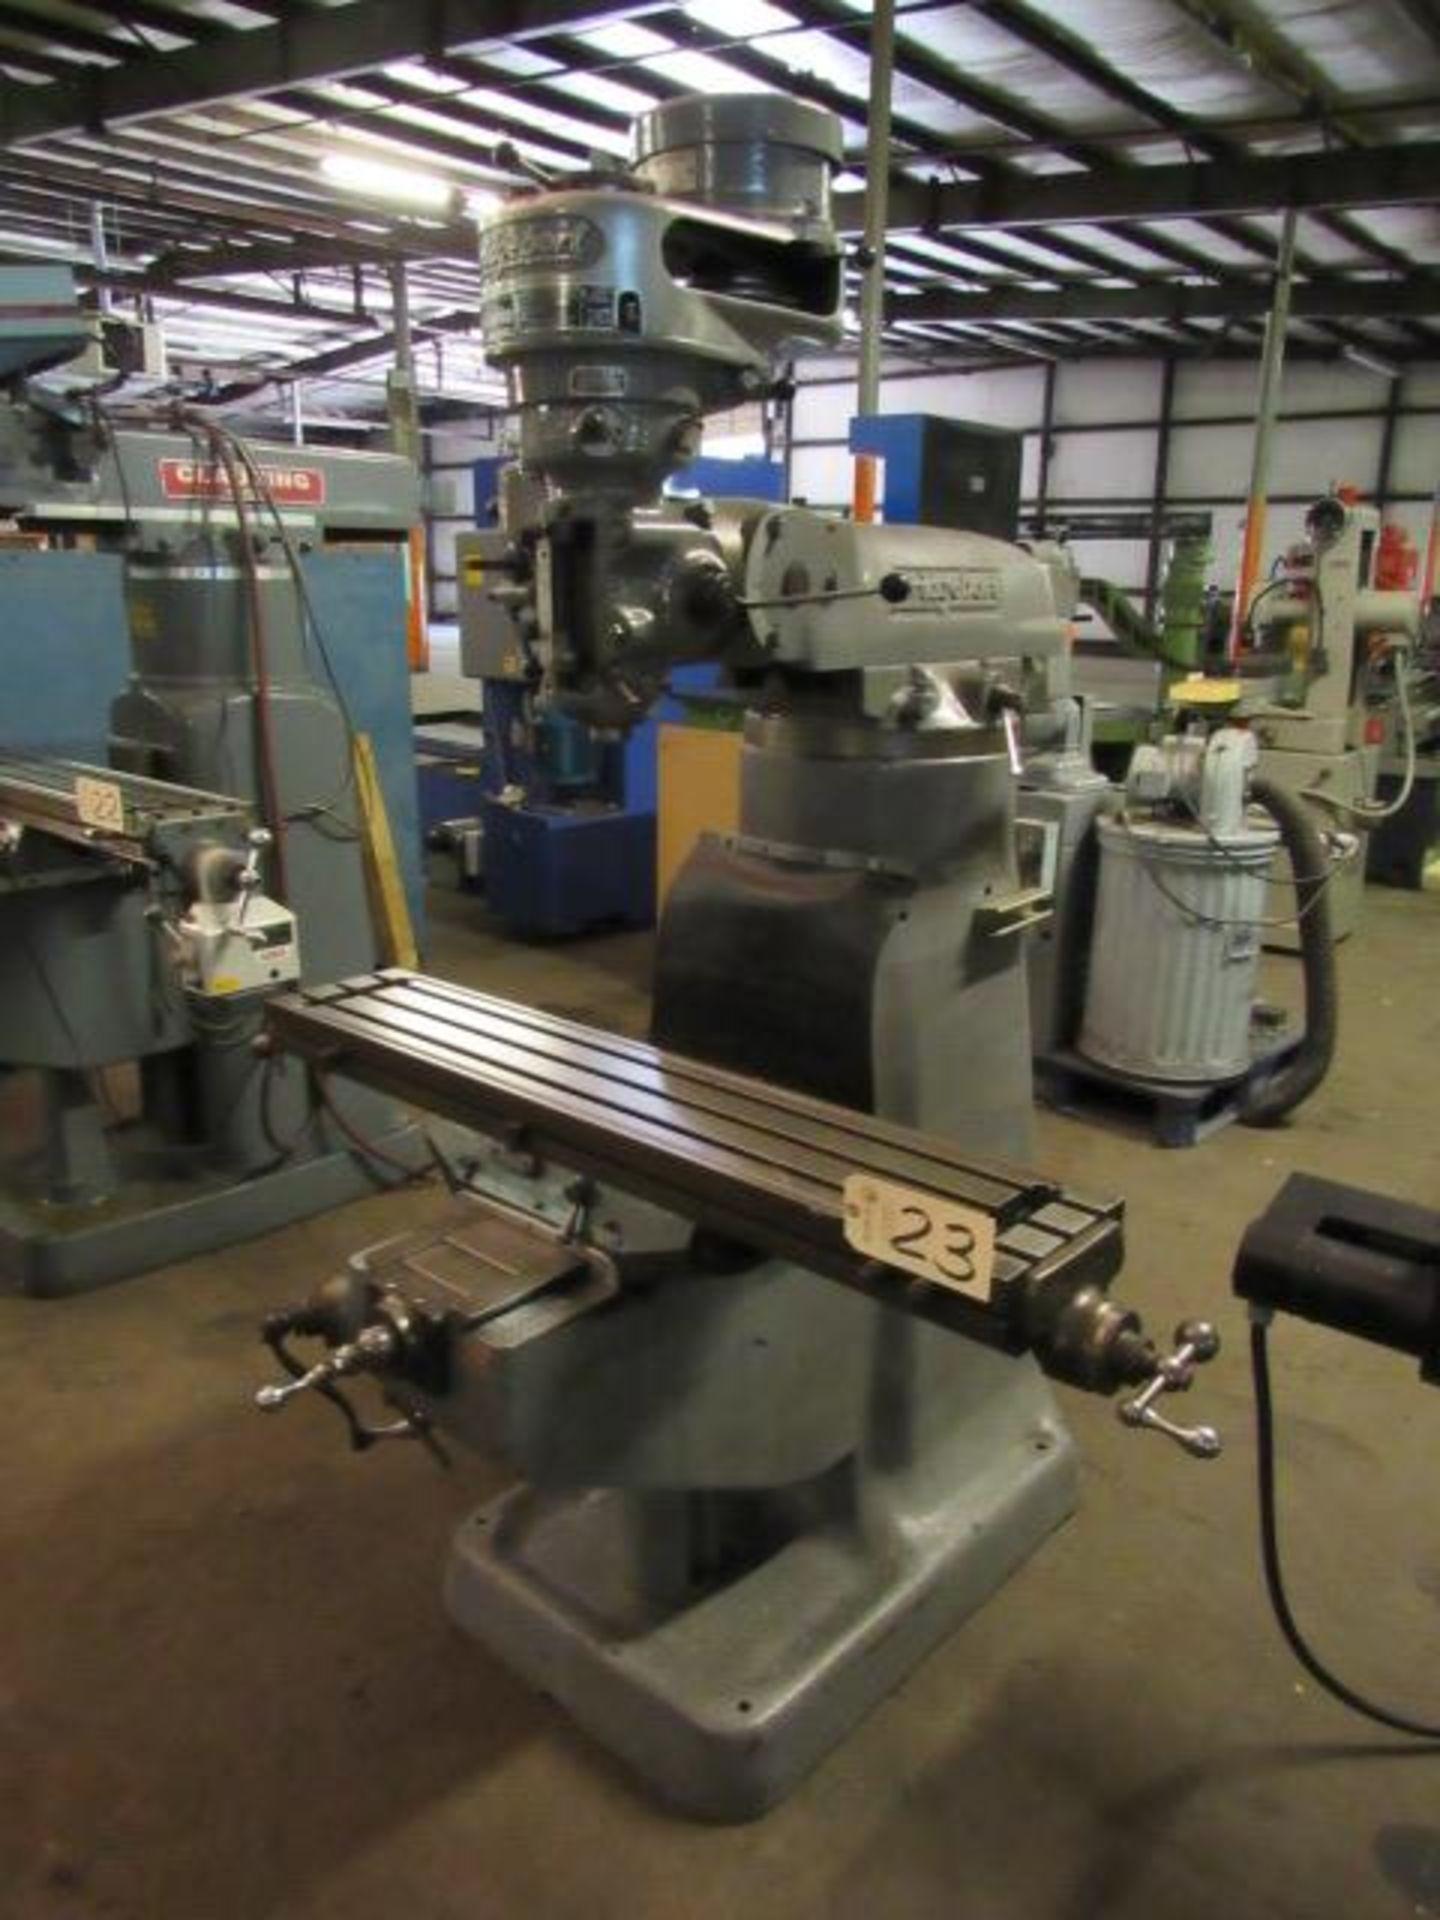 Lot 23 - Bridgeport Vertical Milling Machine